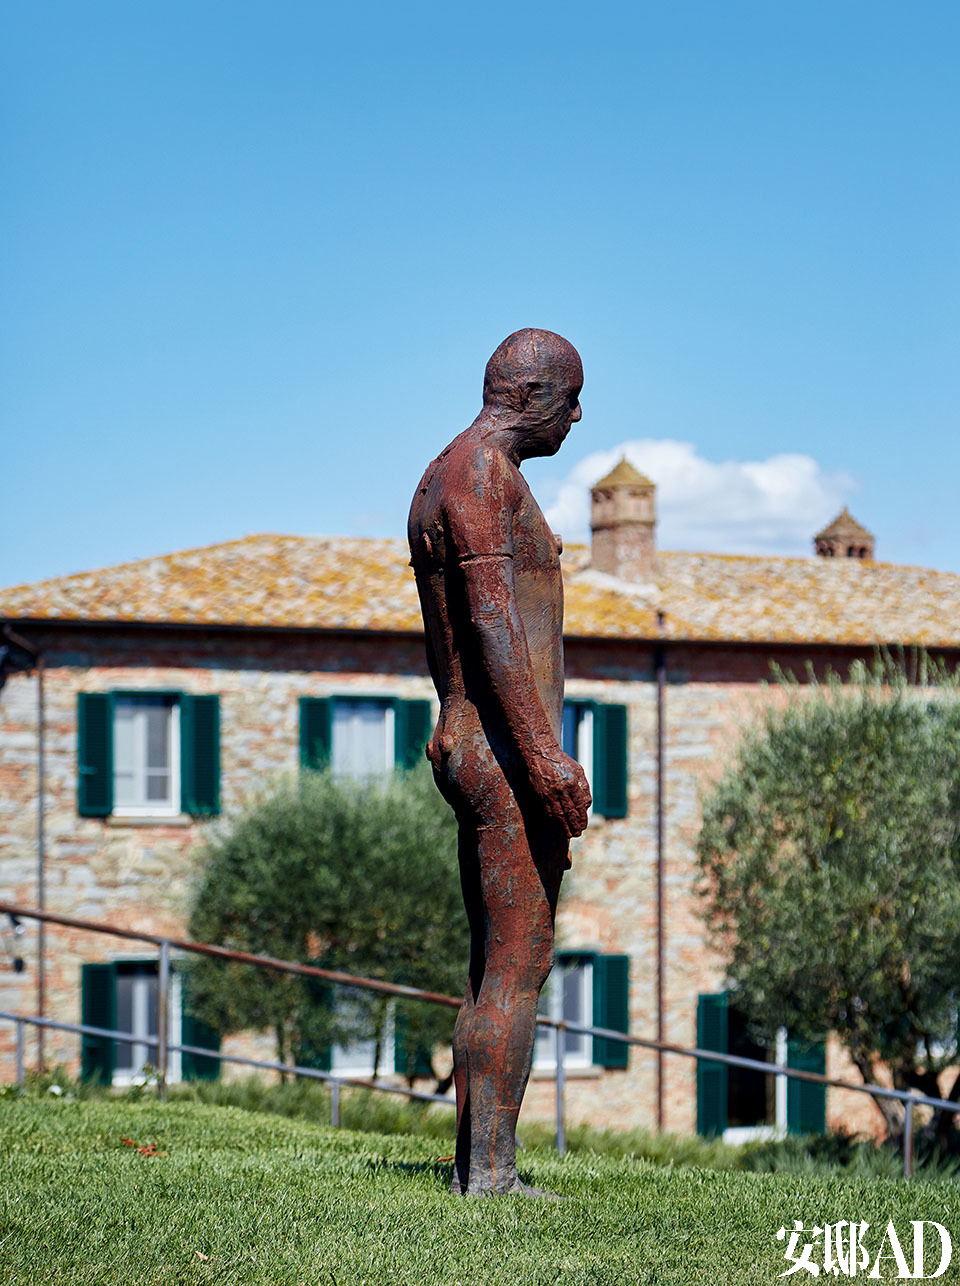 英国艺术家Antony Gormley的雕塑作品硕然伫立在农场上。